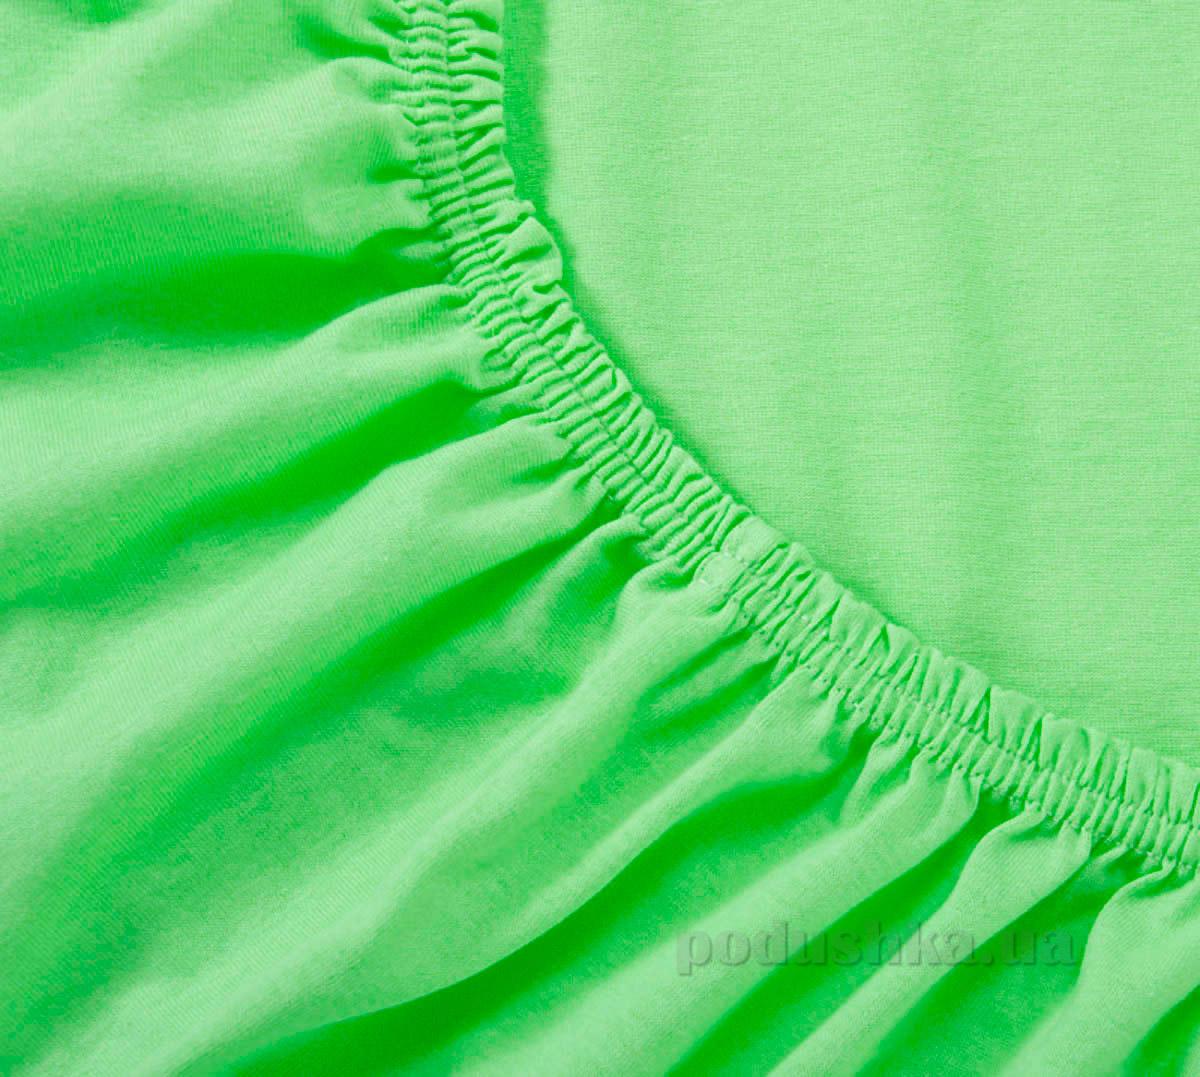 Простынь трикотажная на резинке Arya TR1002126 зеленая 200х220 см  ARYA